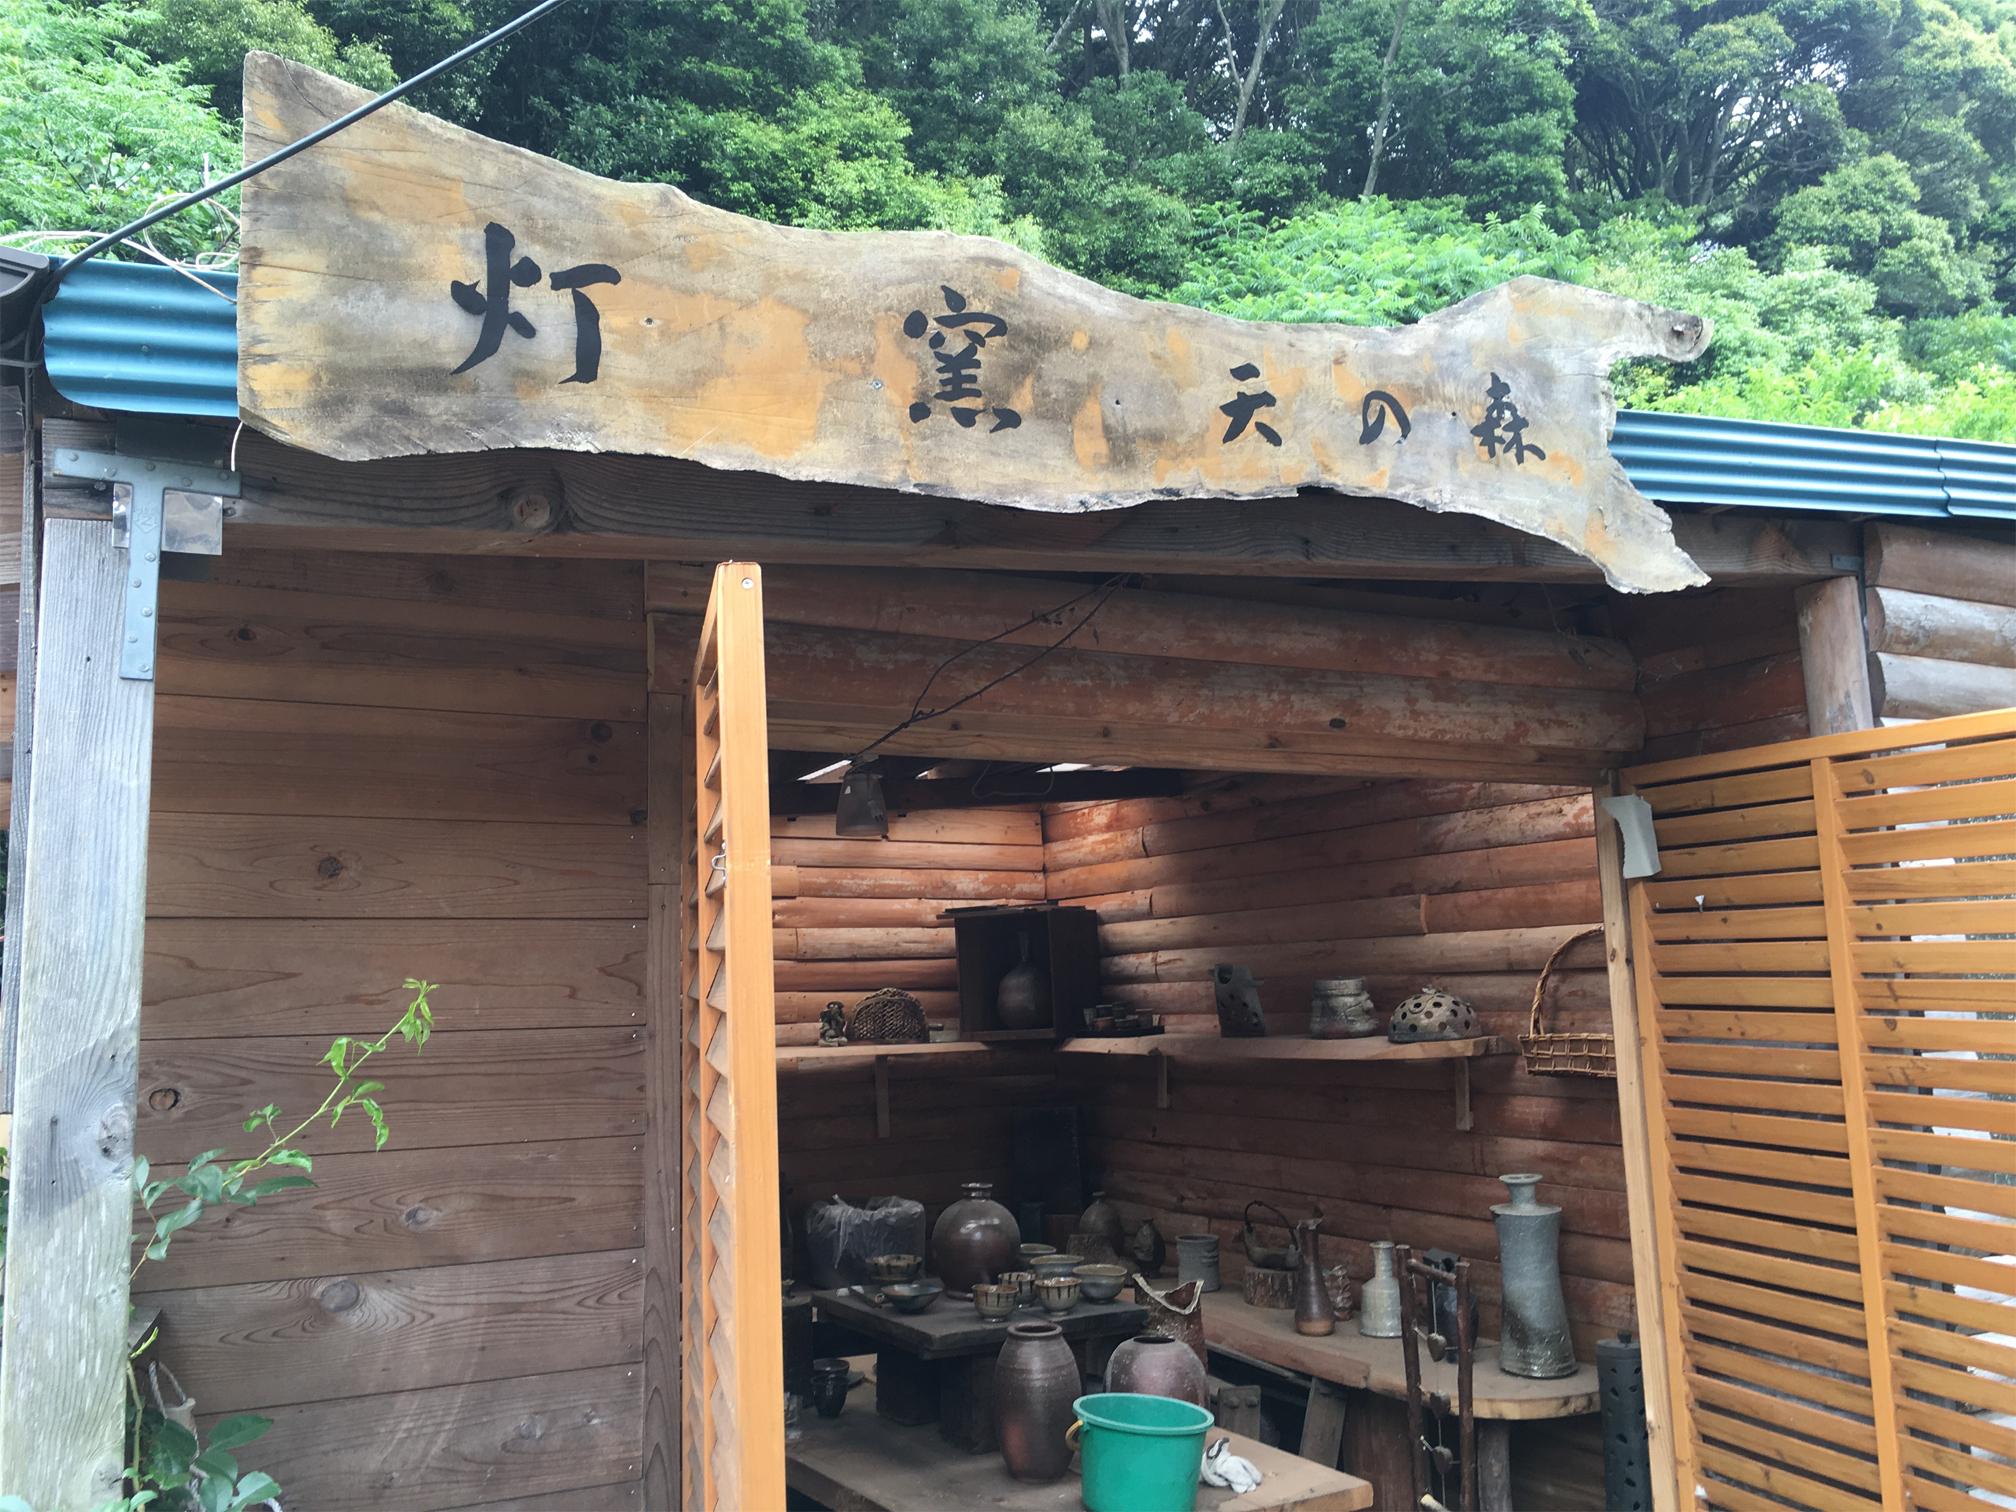 静岡県浜松市北区三ヶ日町佐久米にある窯元「灯窯 天の森」